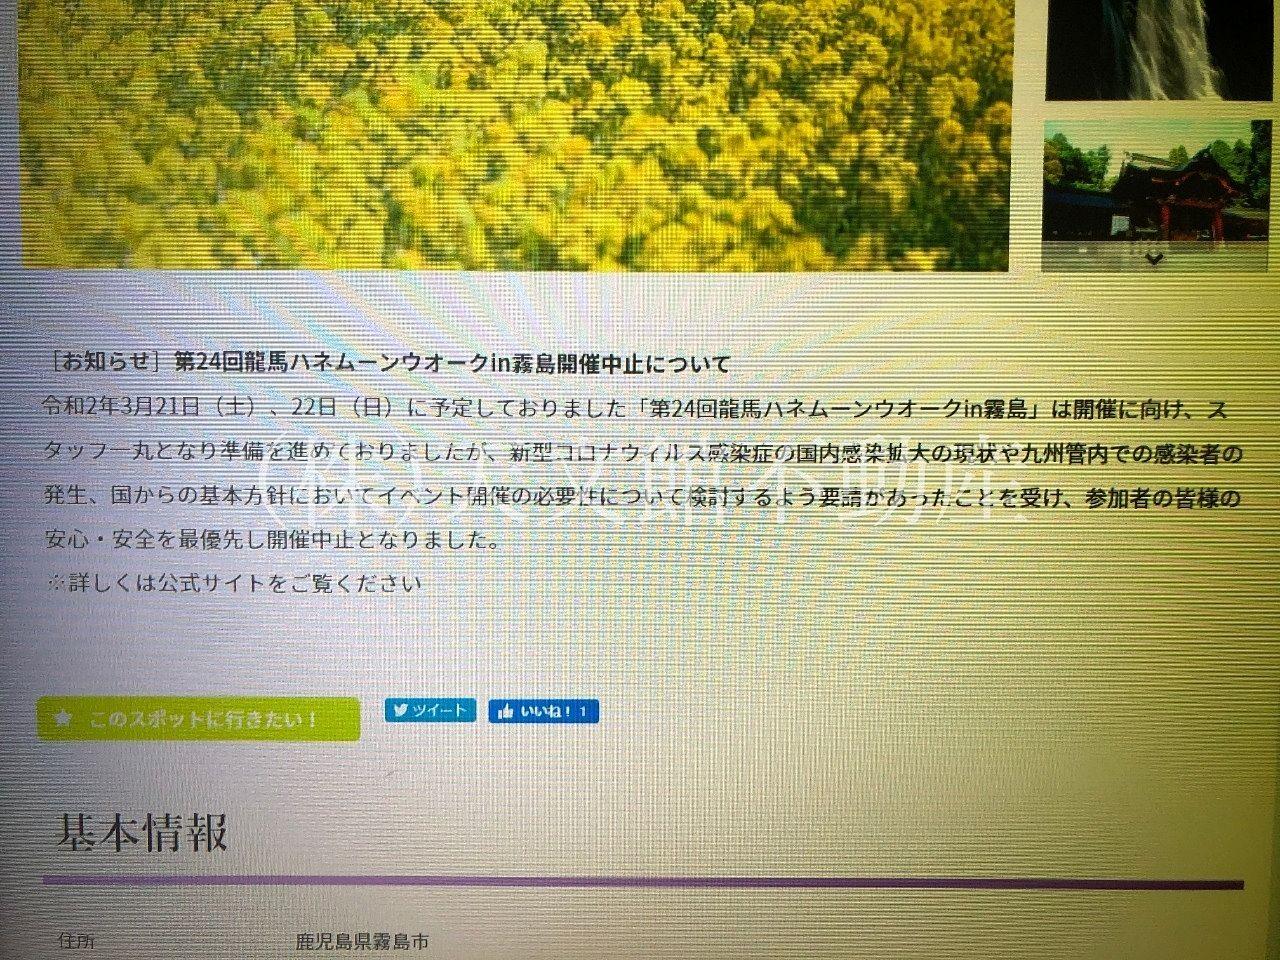 龍馬ハネムーンウオークのホームページ確認しました。残念な事に今年は中止になりました。